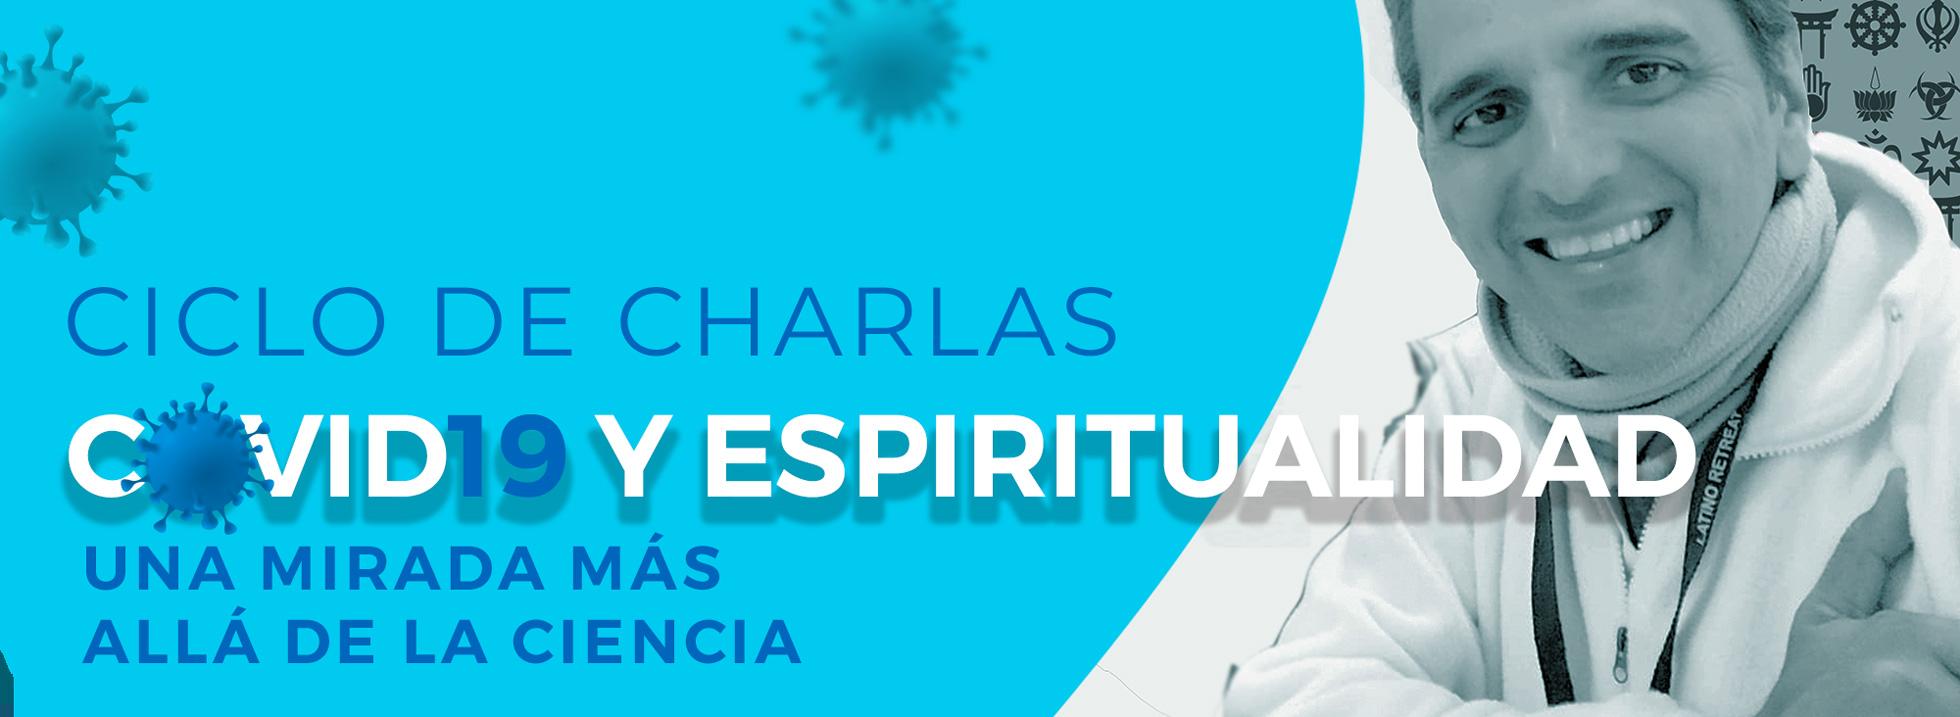 Covid19 y Espiritualidad